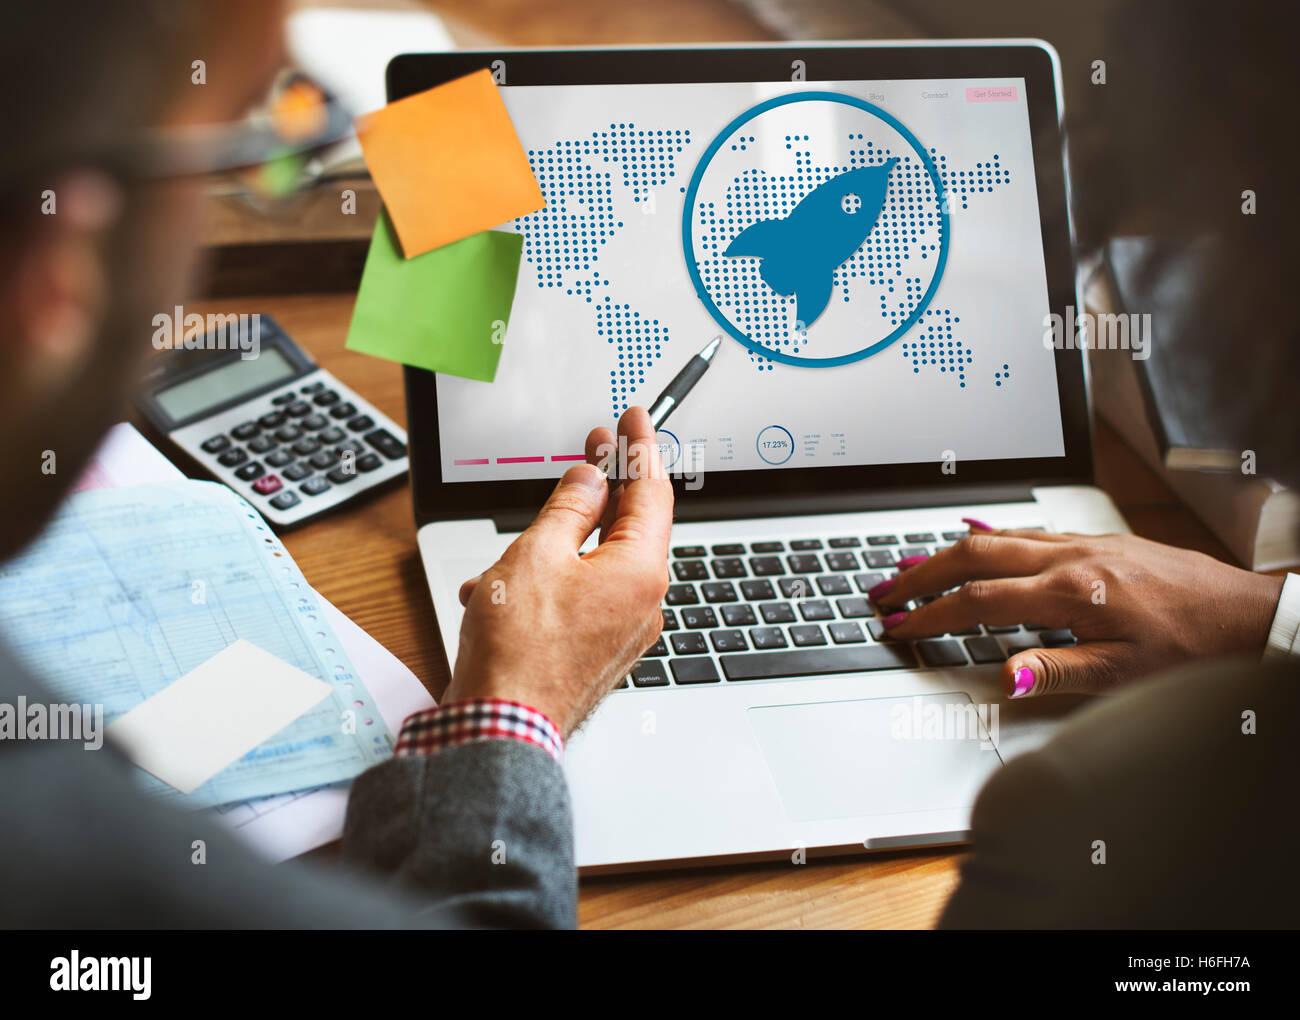 Lancio di avvio nuova crescita aziendale il concetto di successo Immagini Stock